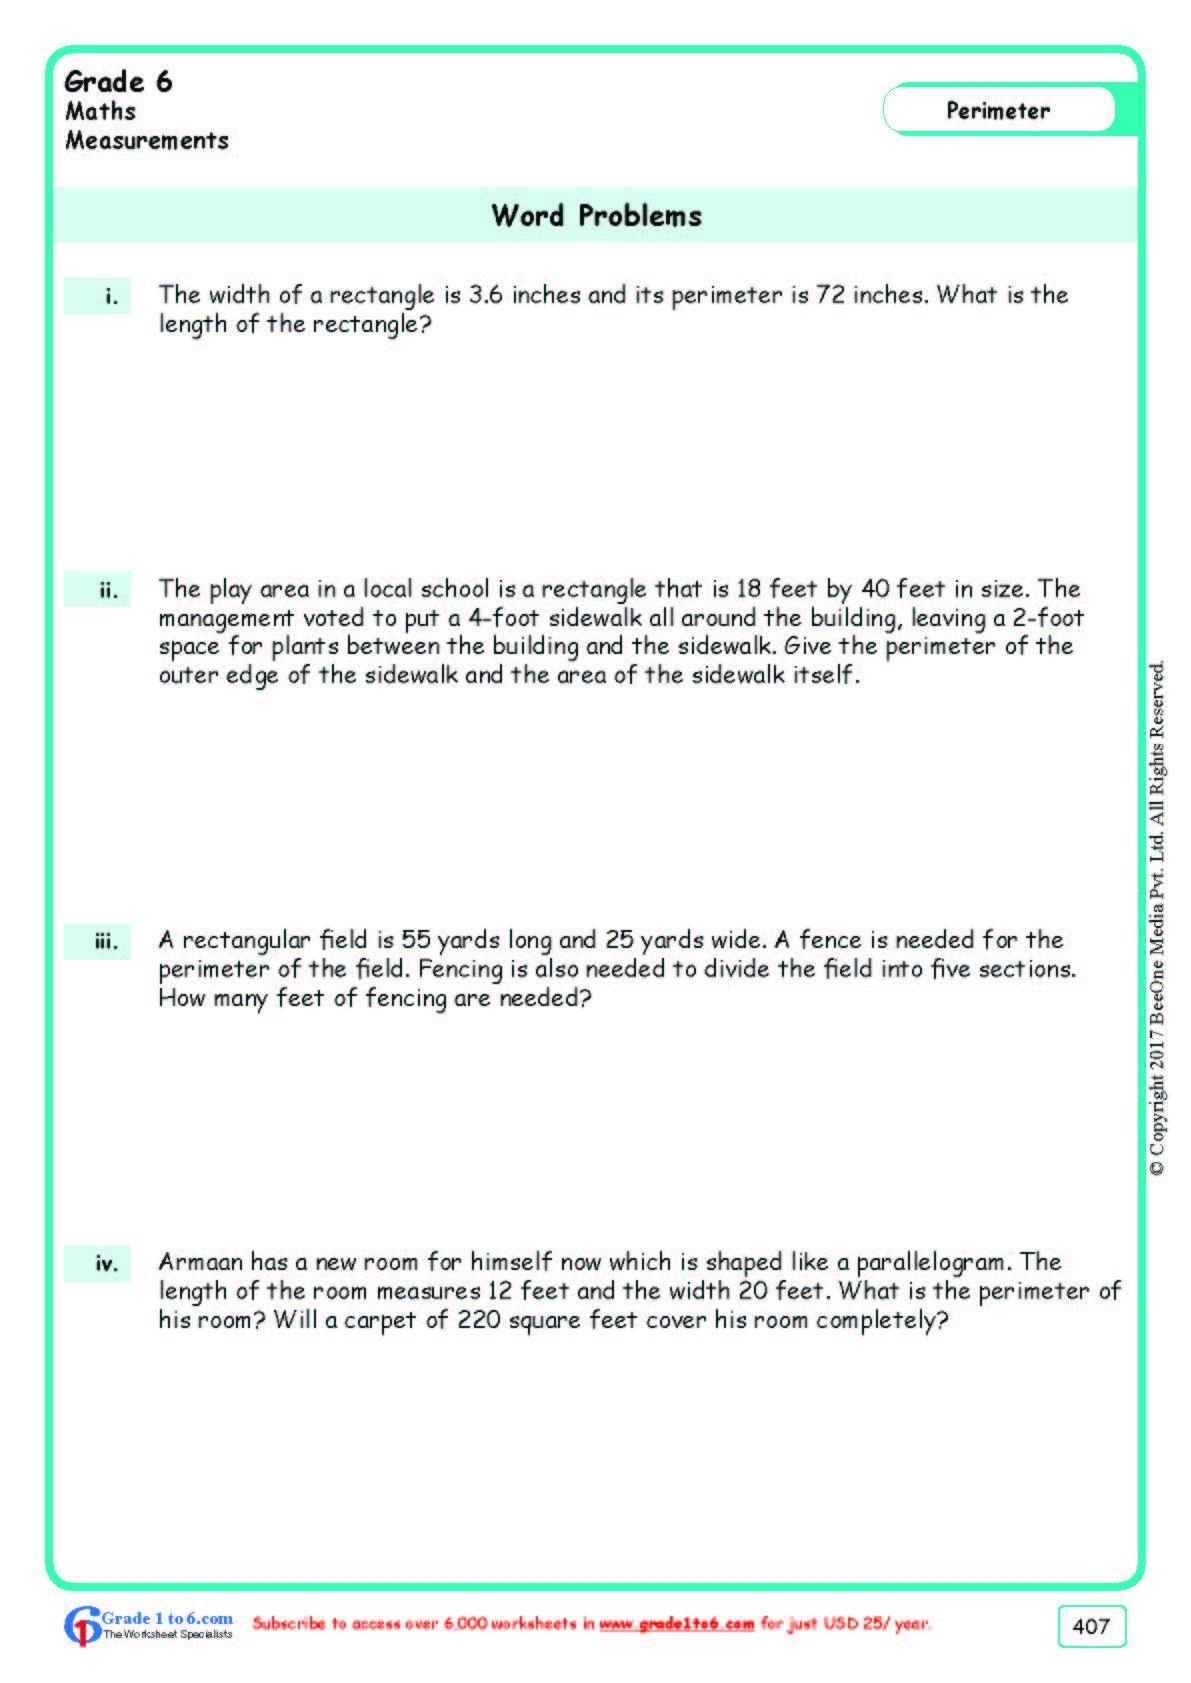 Worksheet Grade 6 Math Word Problems   Math word problems [ 1683 x 1191 Pixel ]